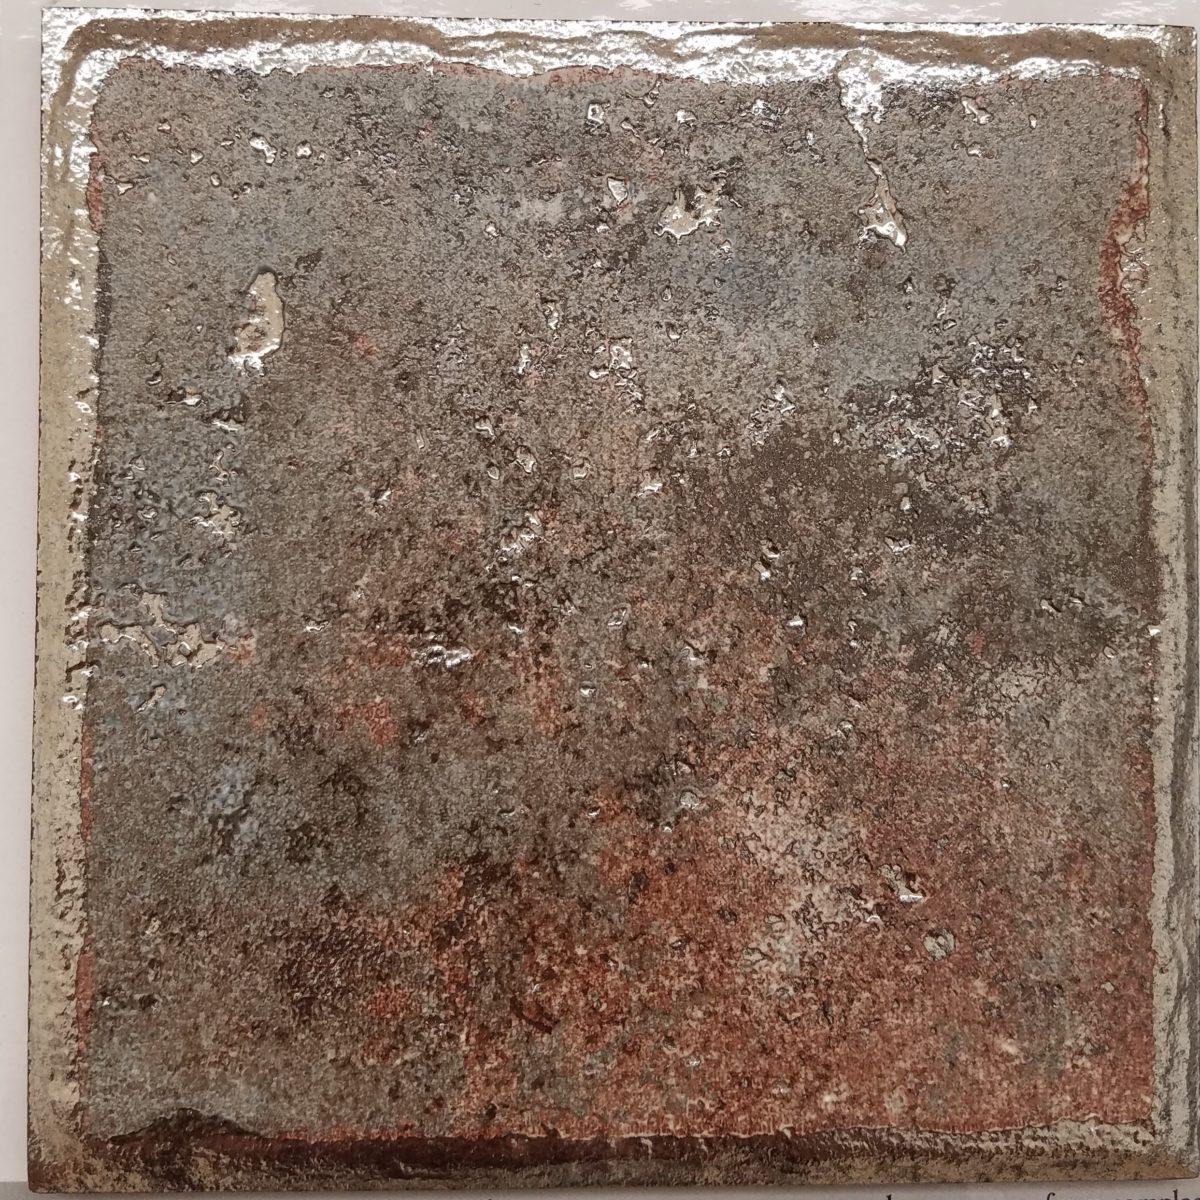 Metallic Pool Tile : Metallic silver porcelain pool tiles travertine